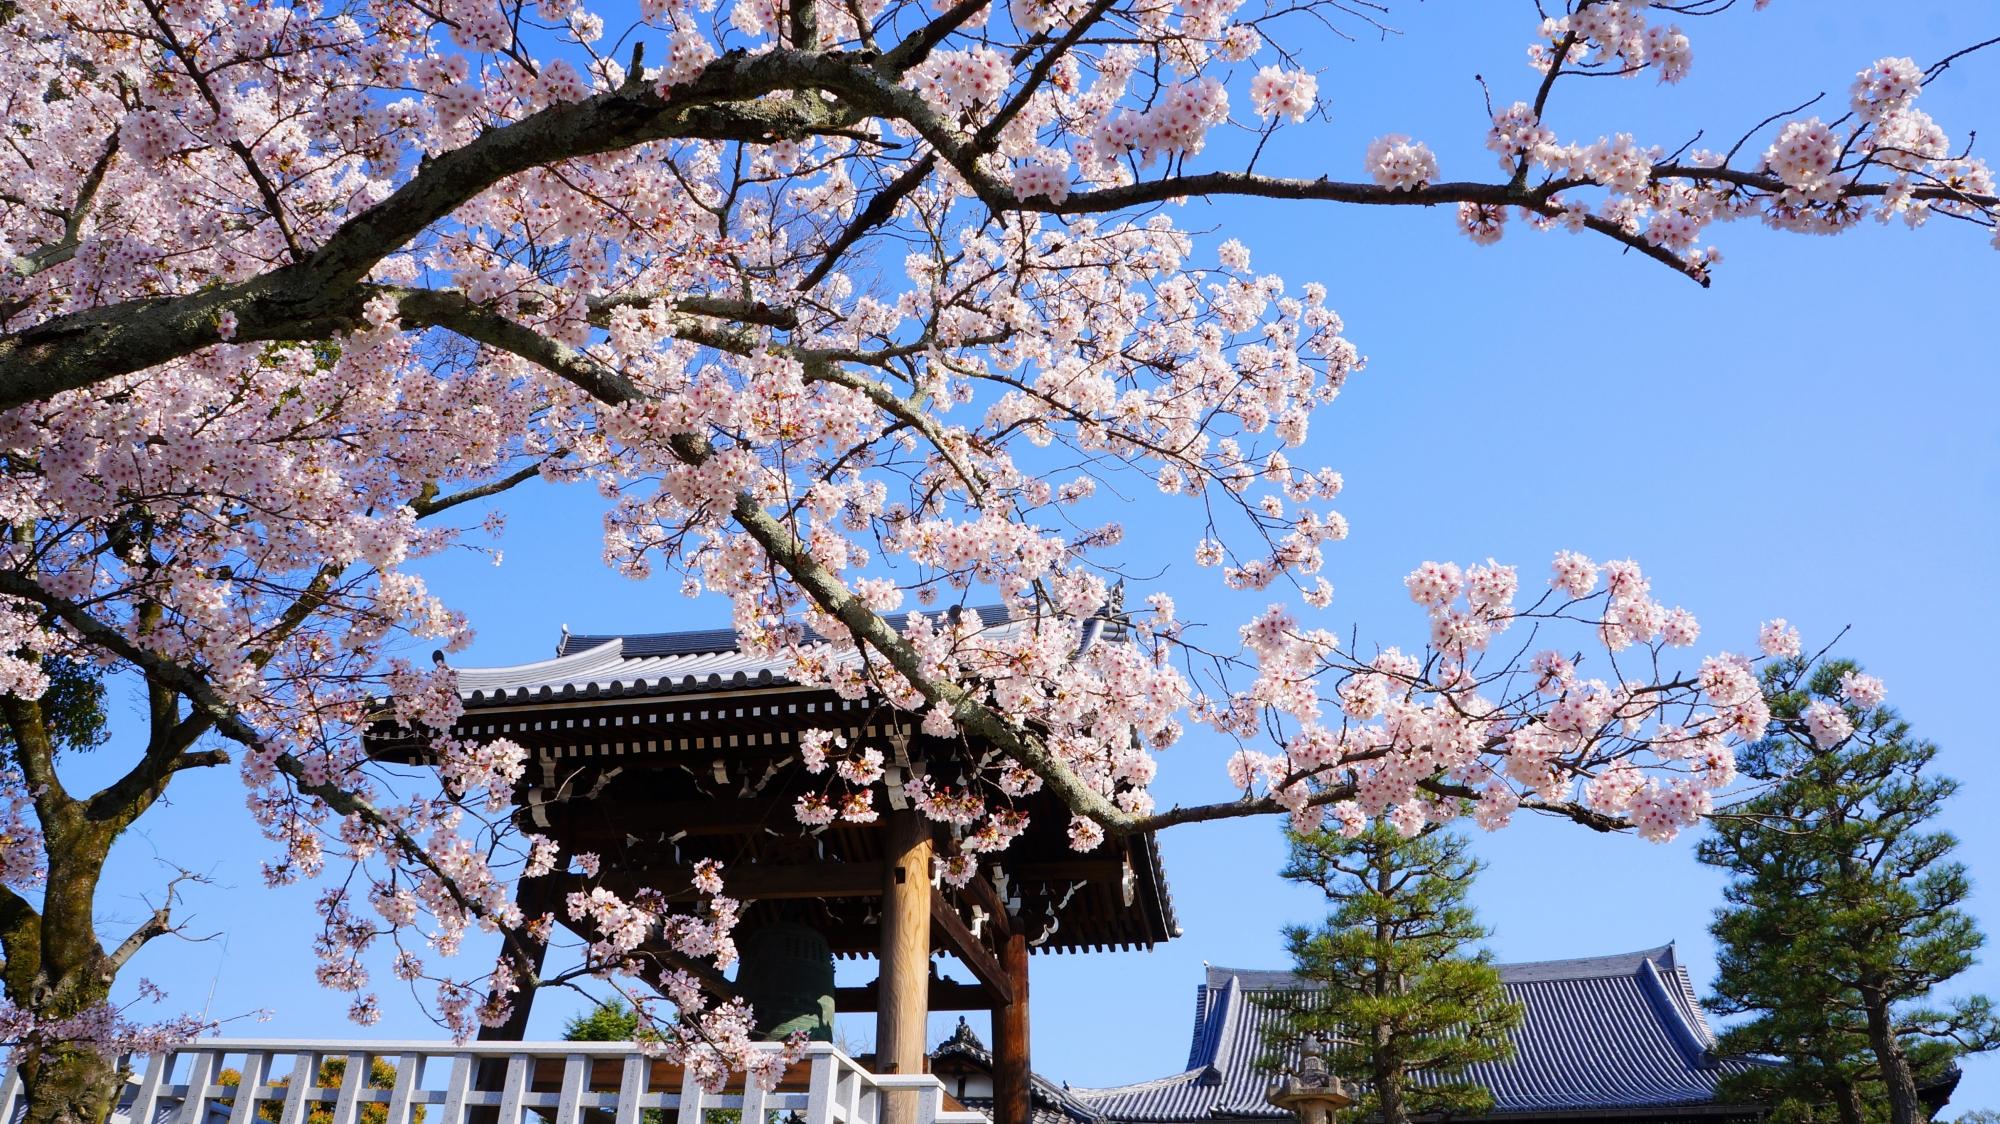 鐘楼と青空をピンクに染める見事な桜